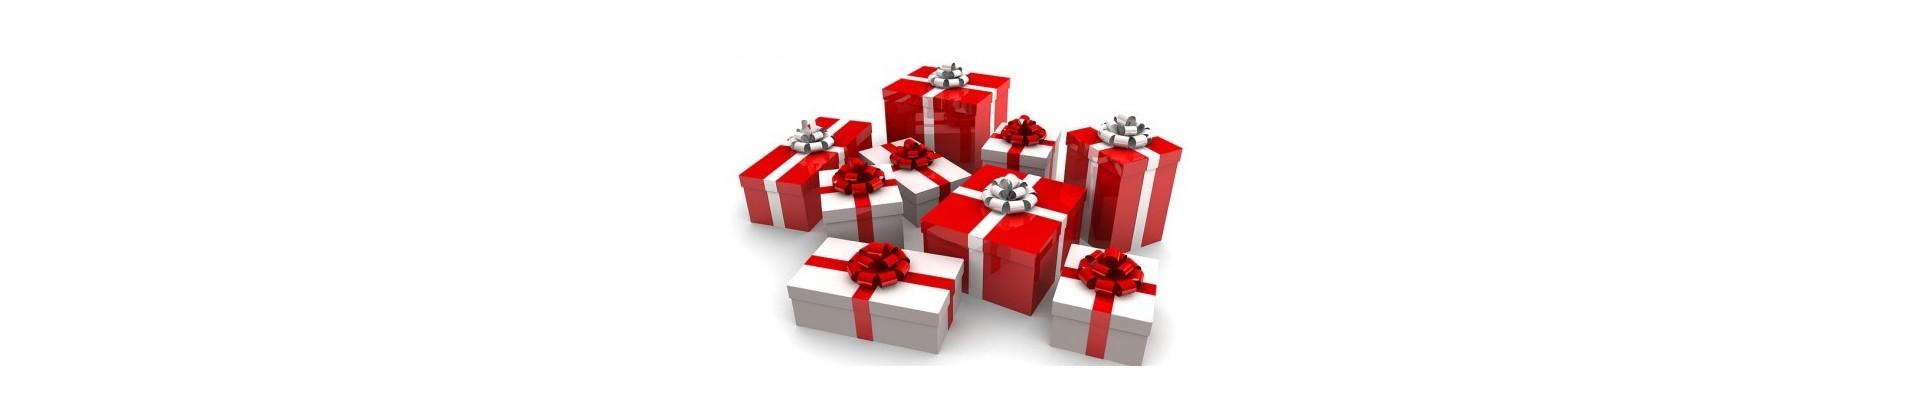 Idee regalo e arredo